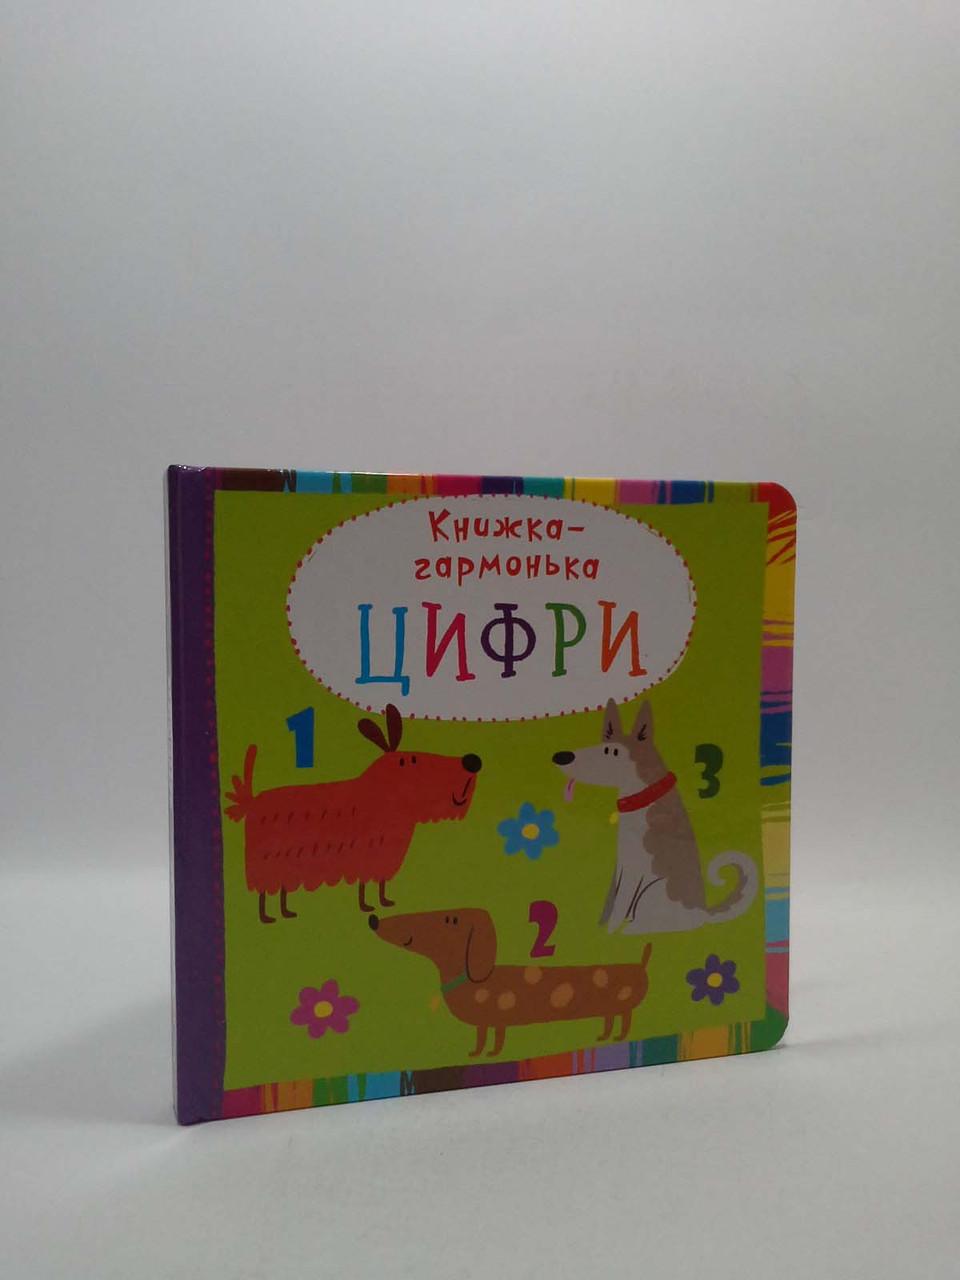 БАО Книжка гармонька УКР Цифри